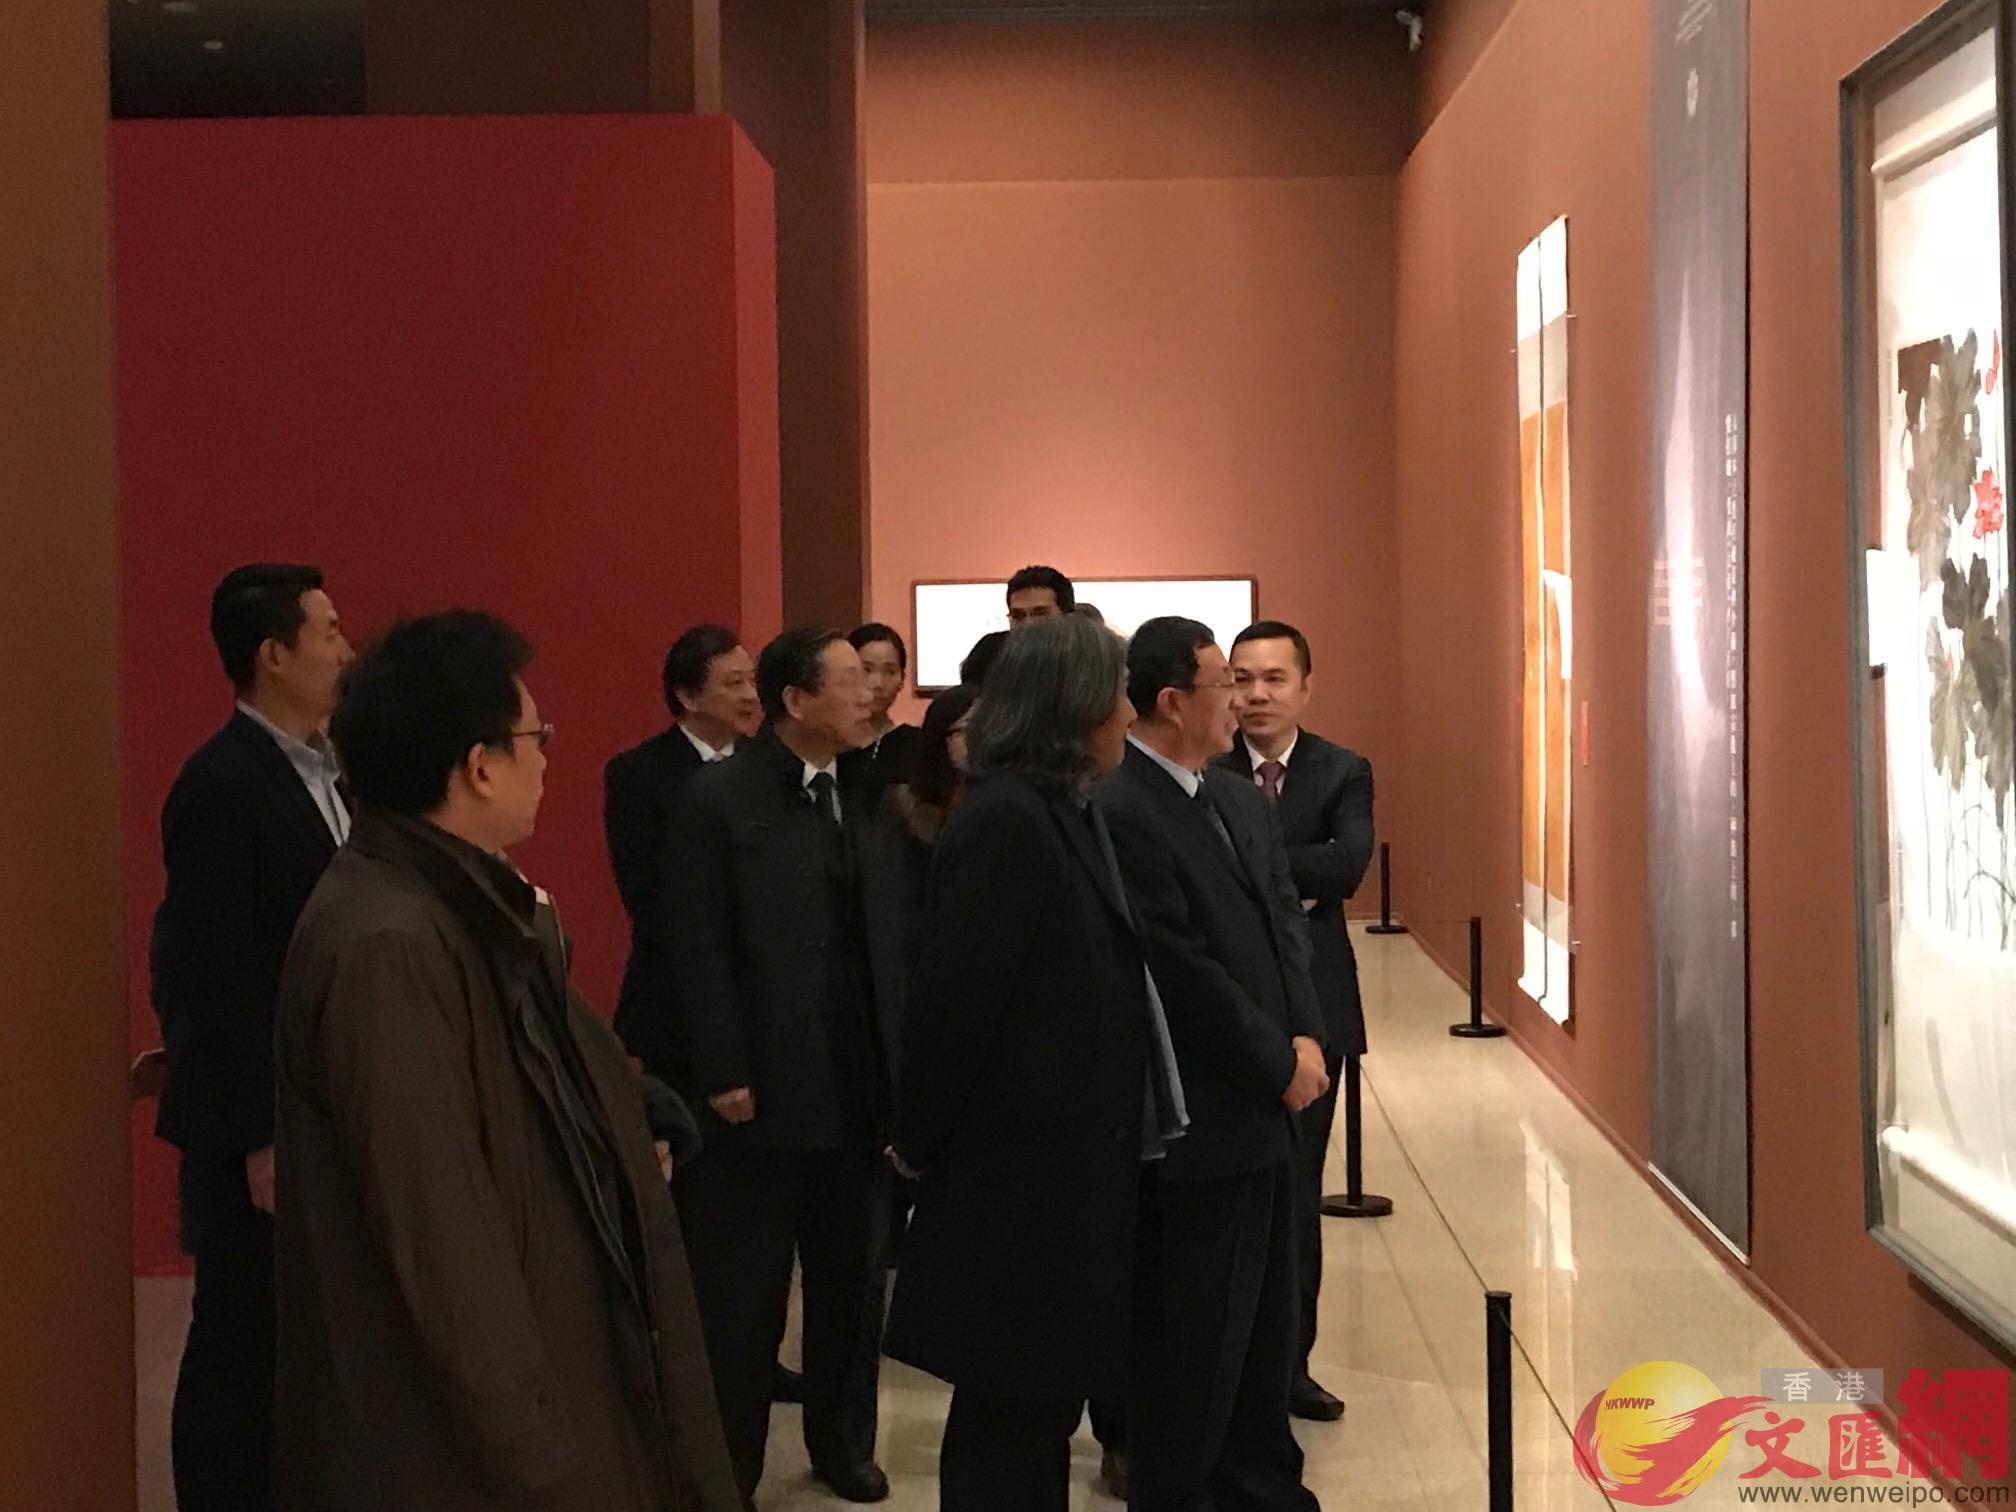 雒樹剛等領導參觀展覽